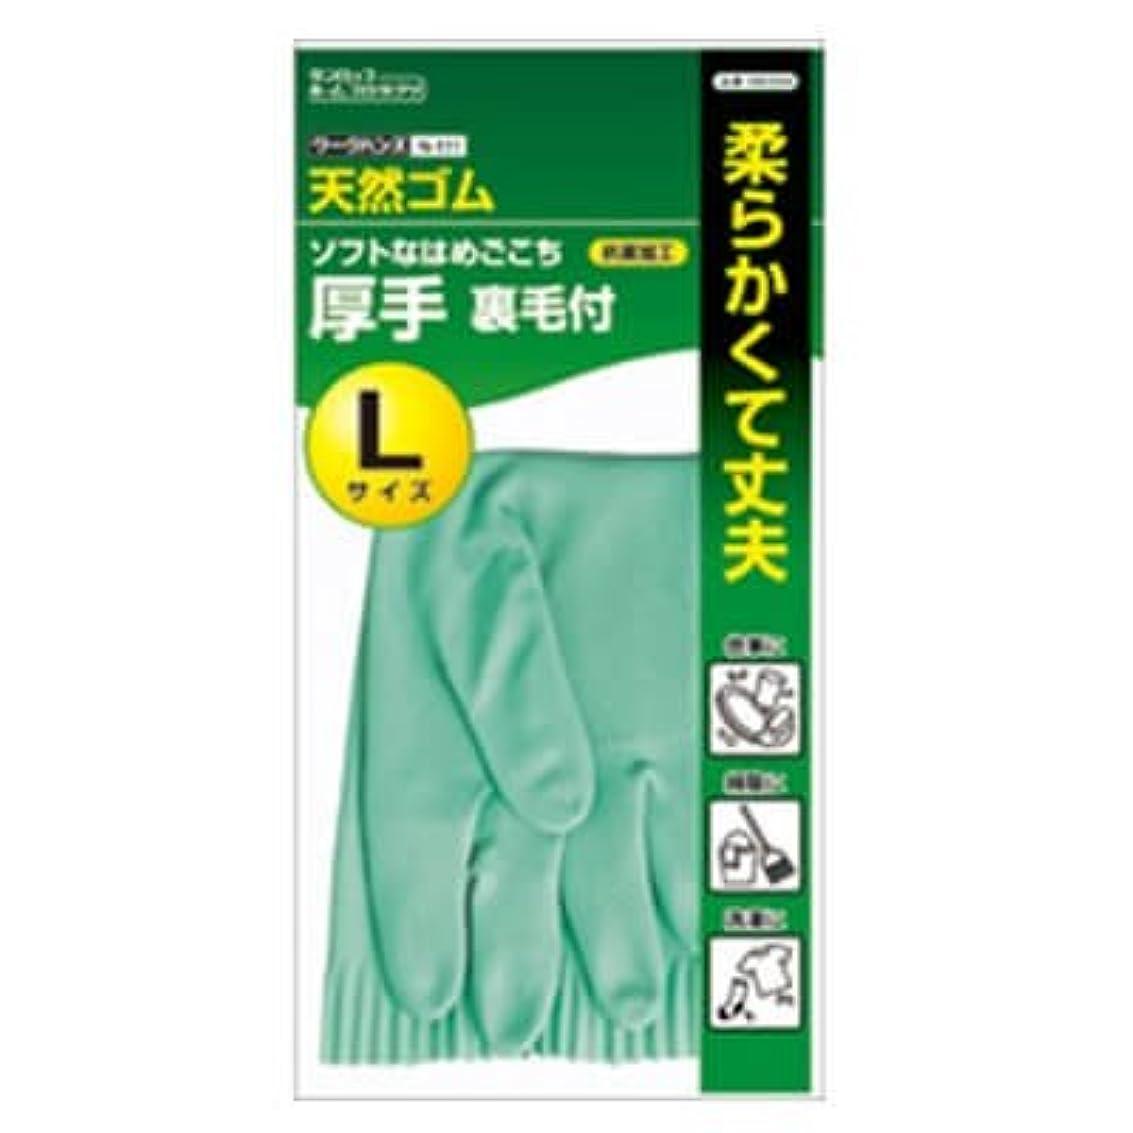 【ケース販売】 ダンロップ ワークハンズ N-111 天然ゴム厚手 L グリーン (10双×12袋)